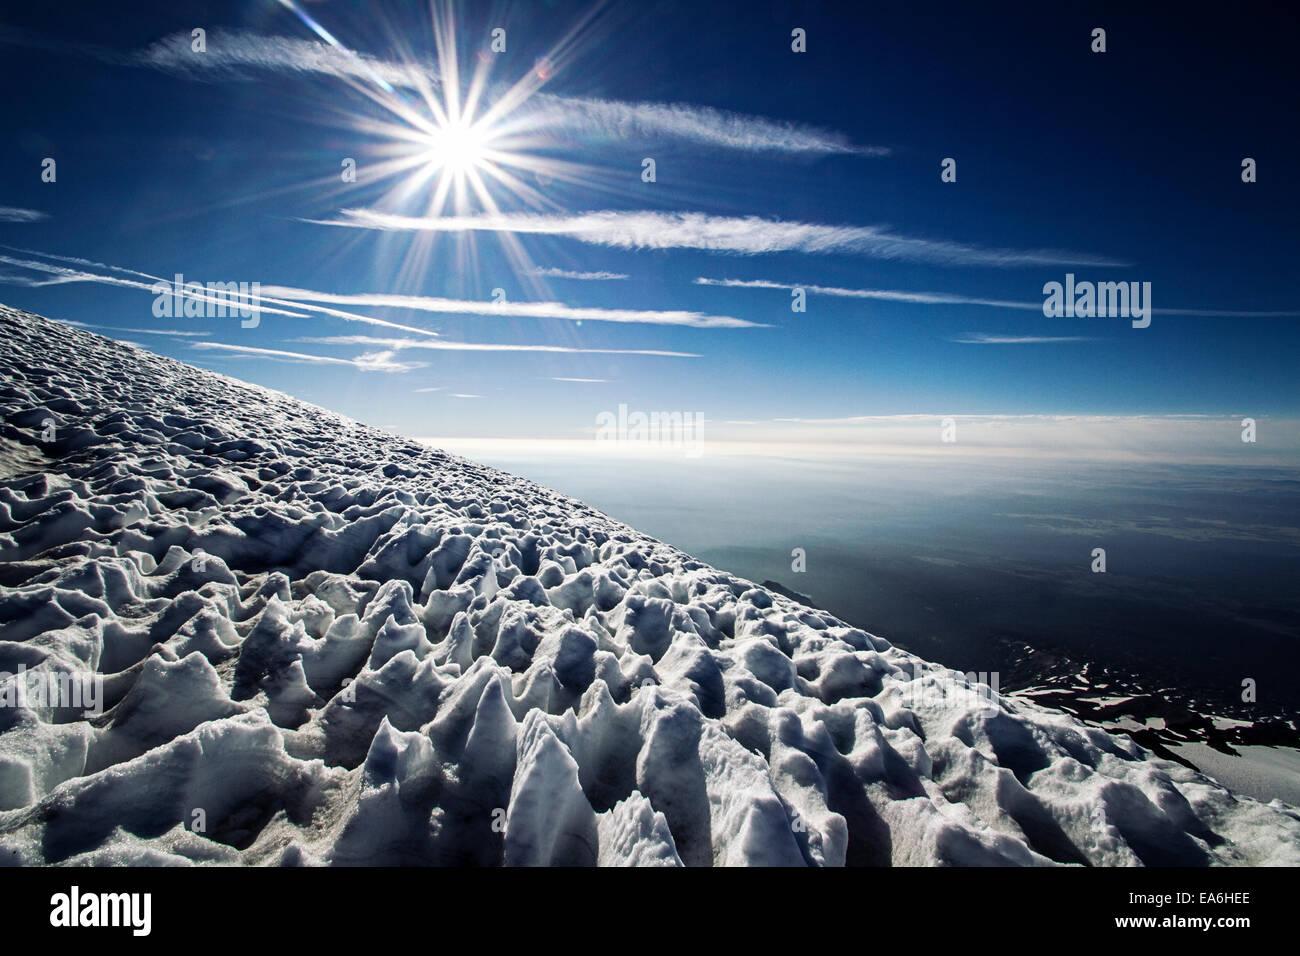 Sonne und Schnee am Berg, Mount Adams, Washington State, America, USA Stockbild